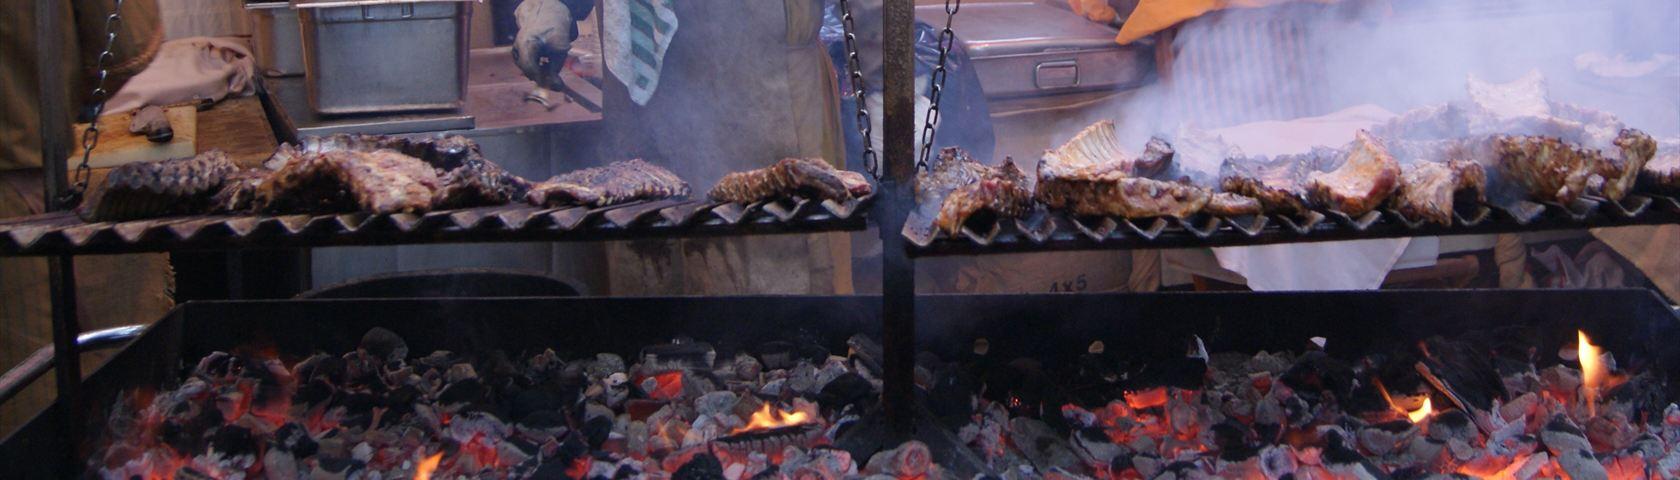 Food in Medieval